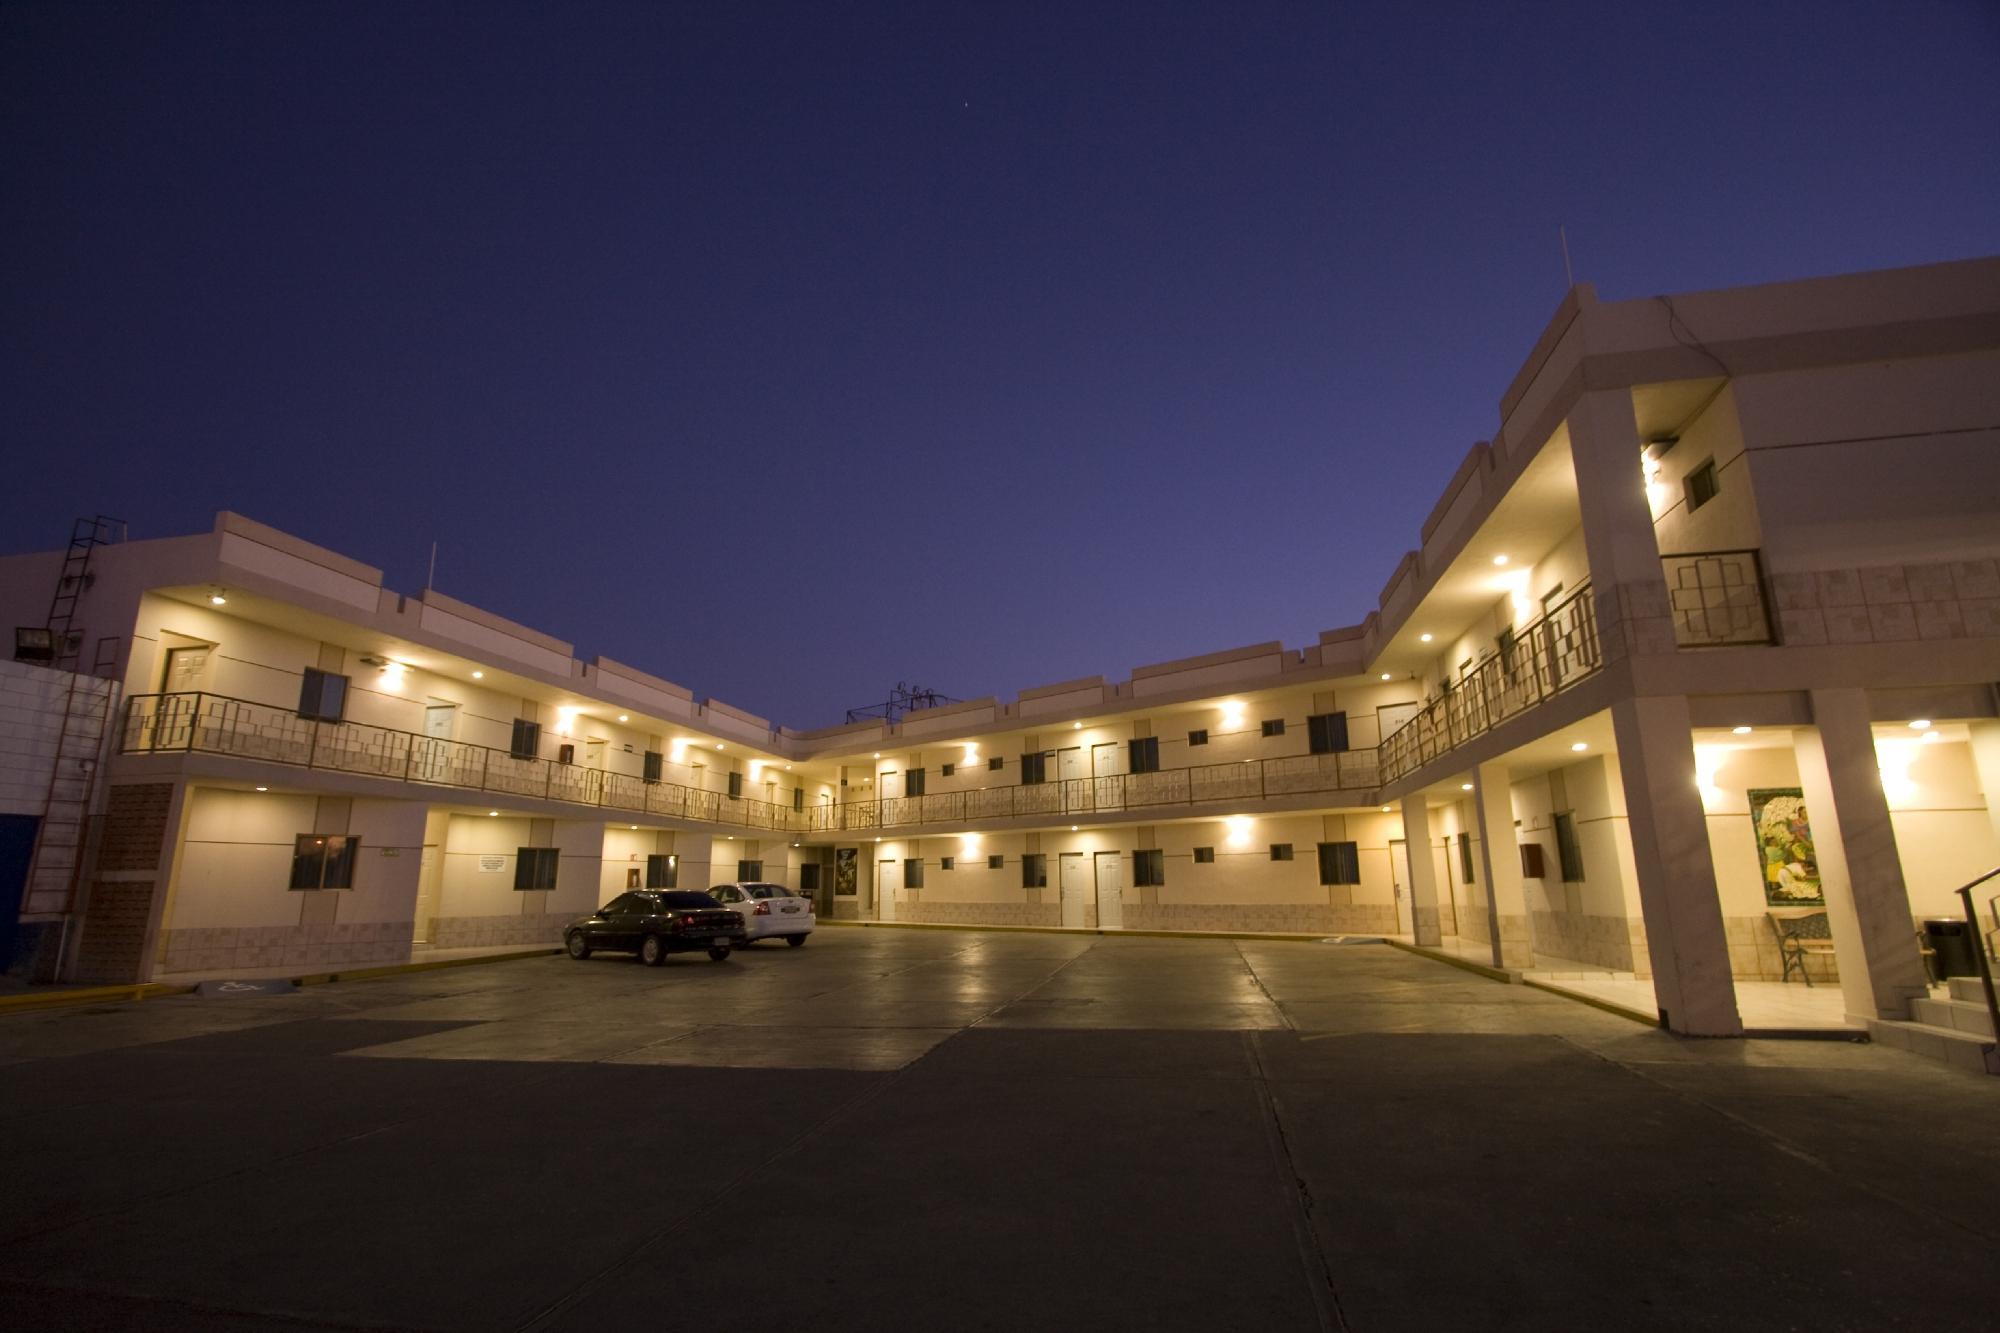 Hacienda Nainari